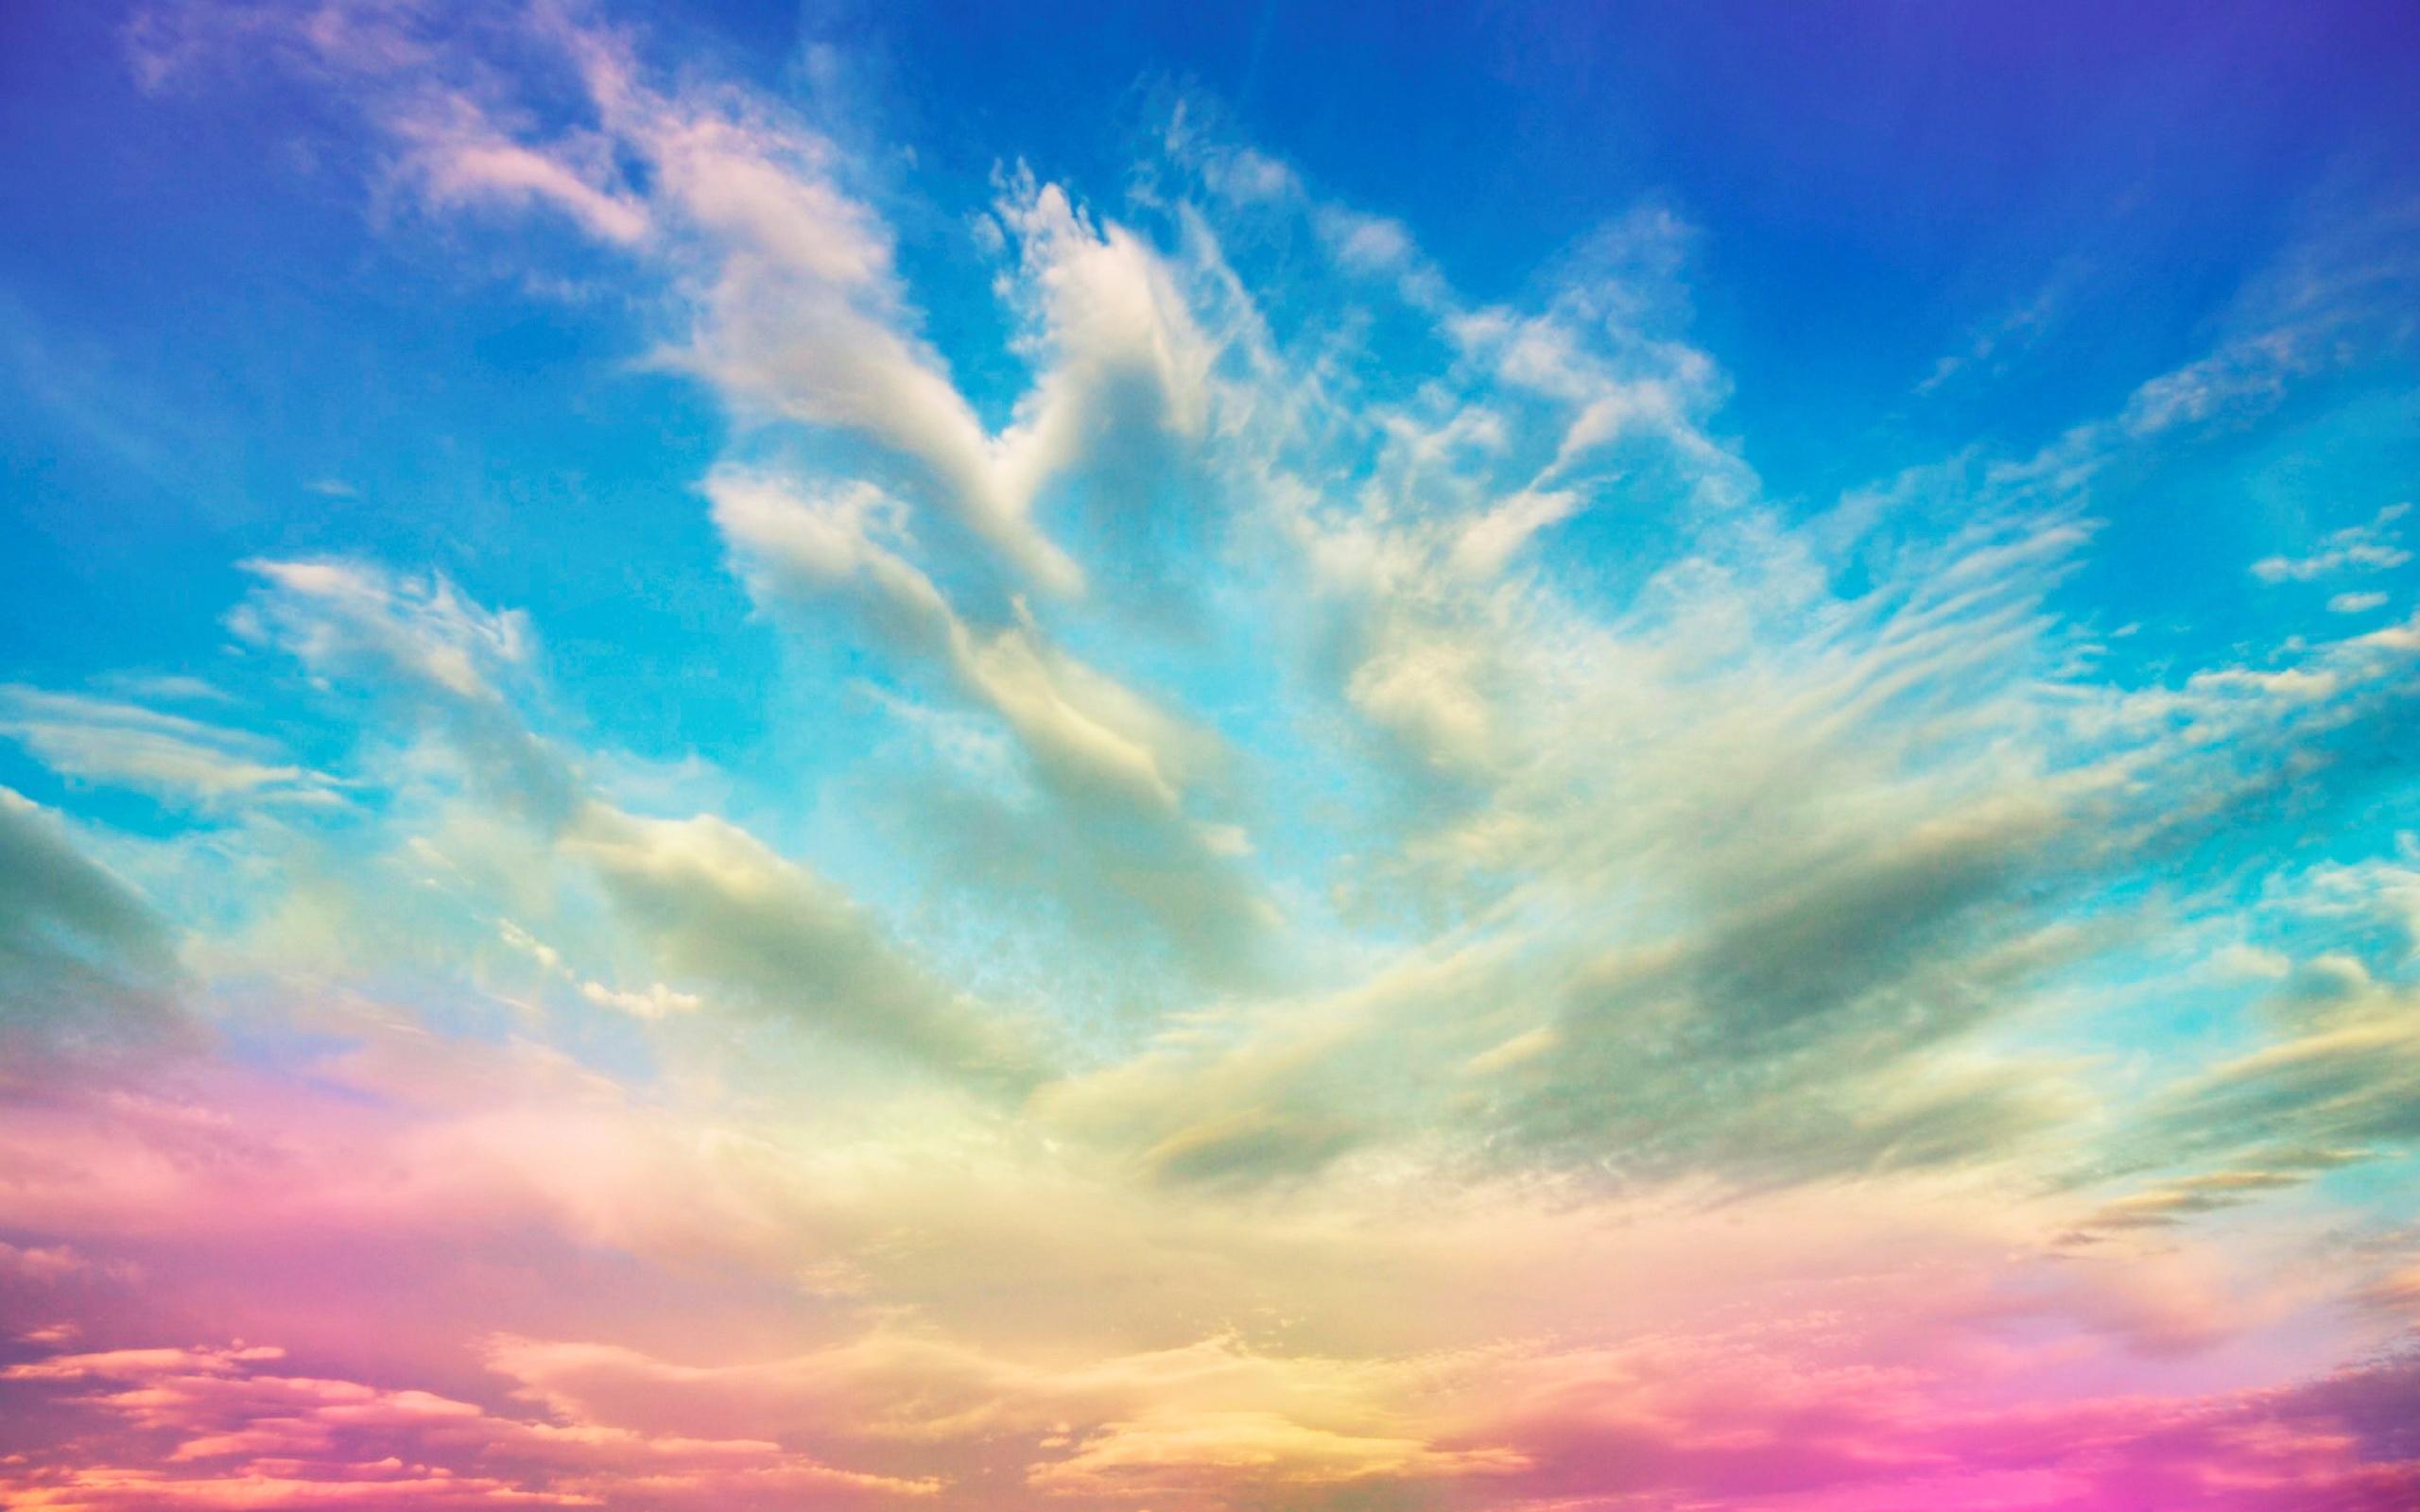 разноцветное небо, скачать фото, обои для рабочего стола, sky cloud wallpaper